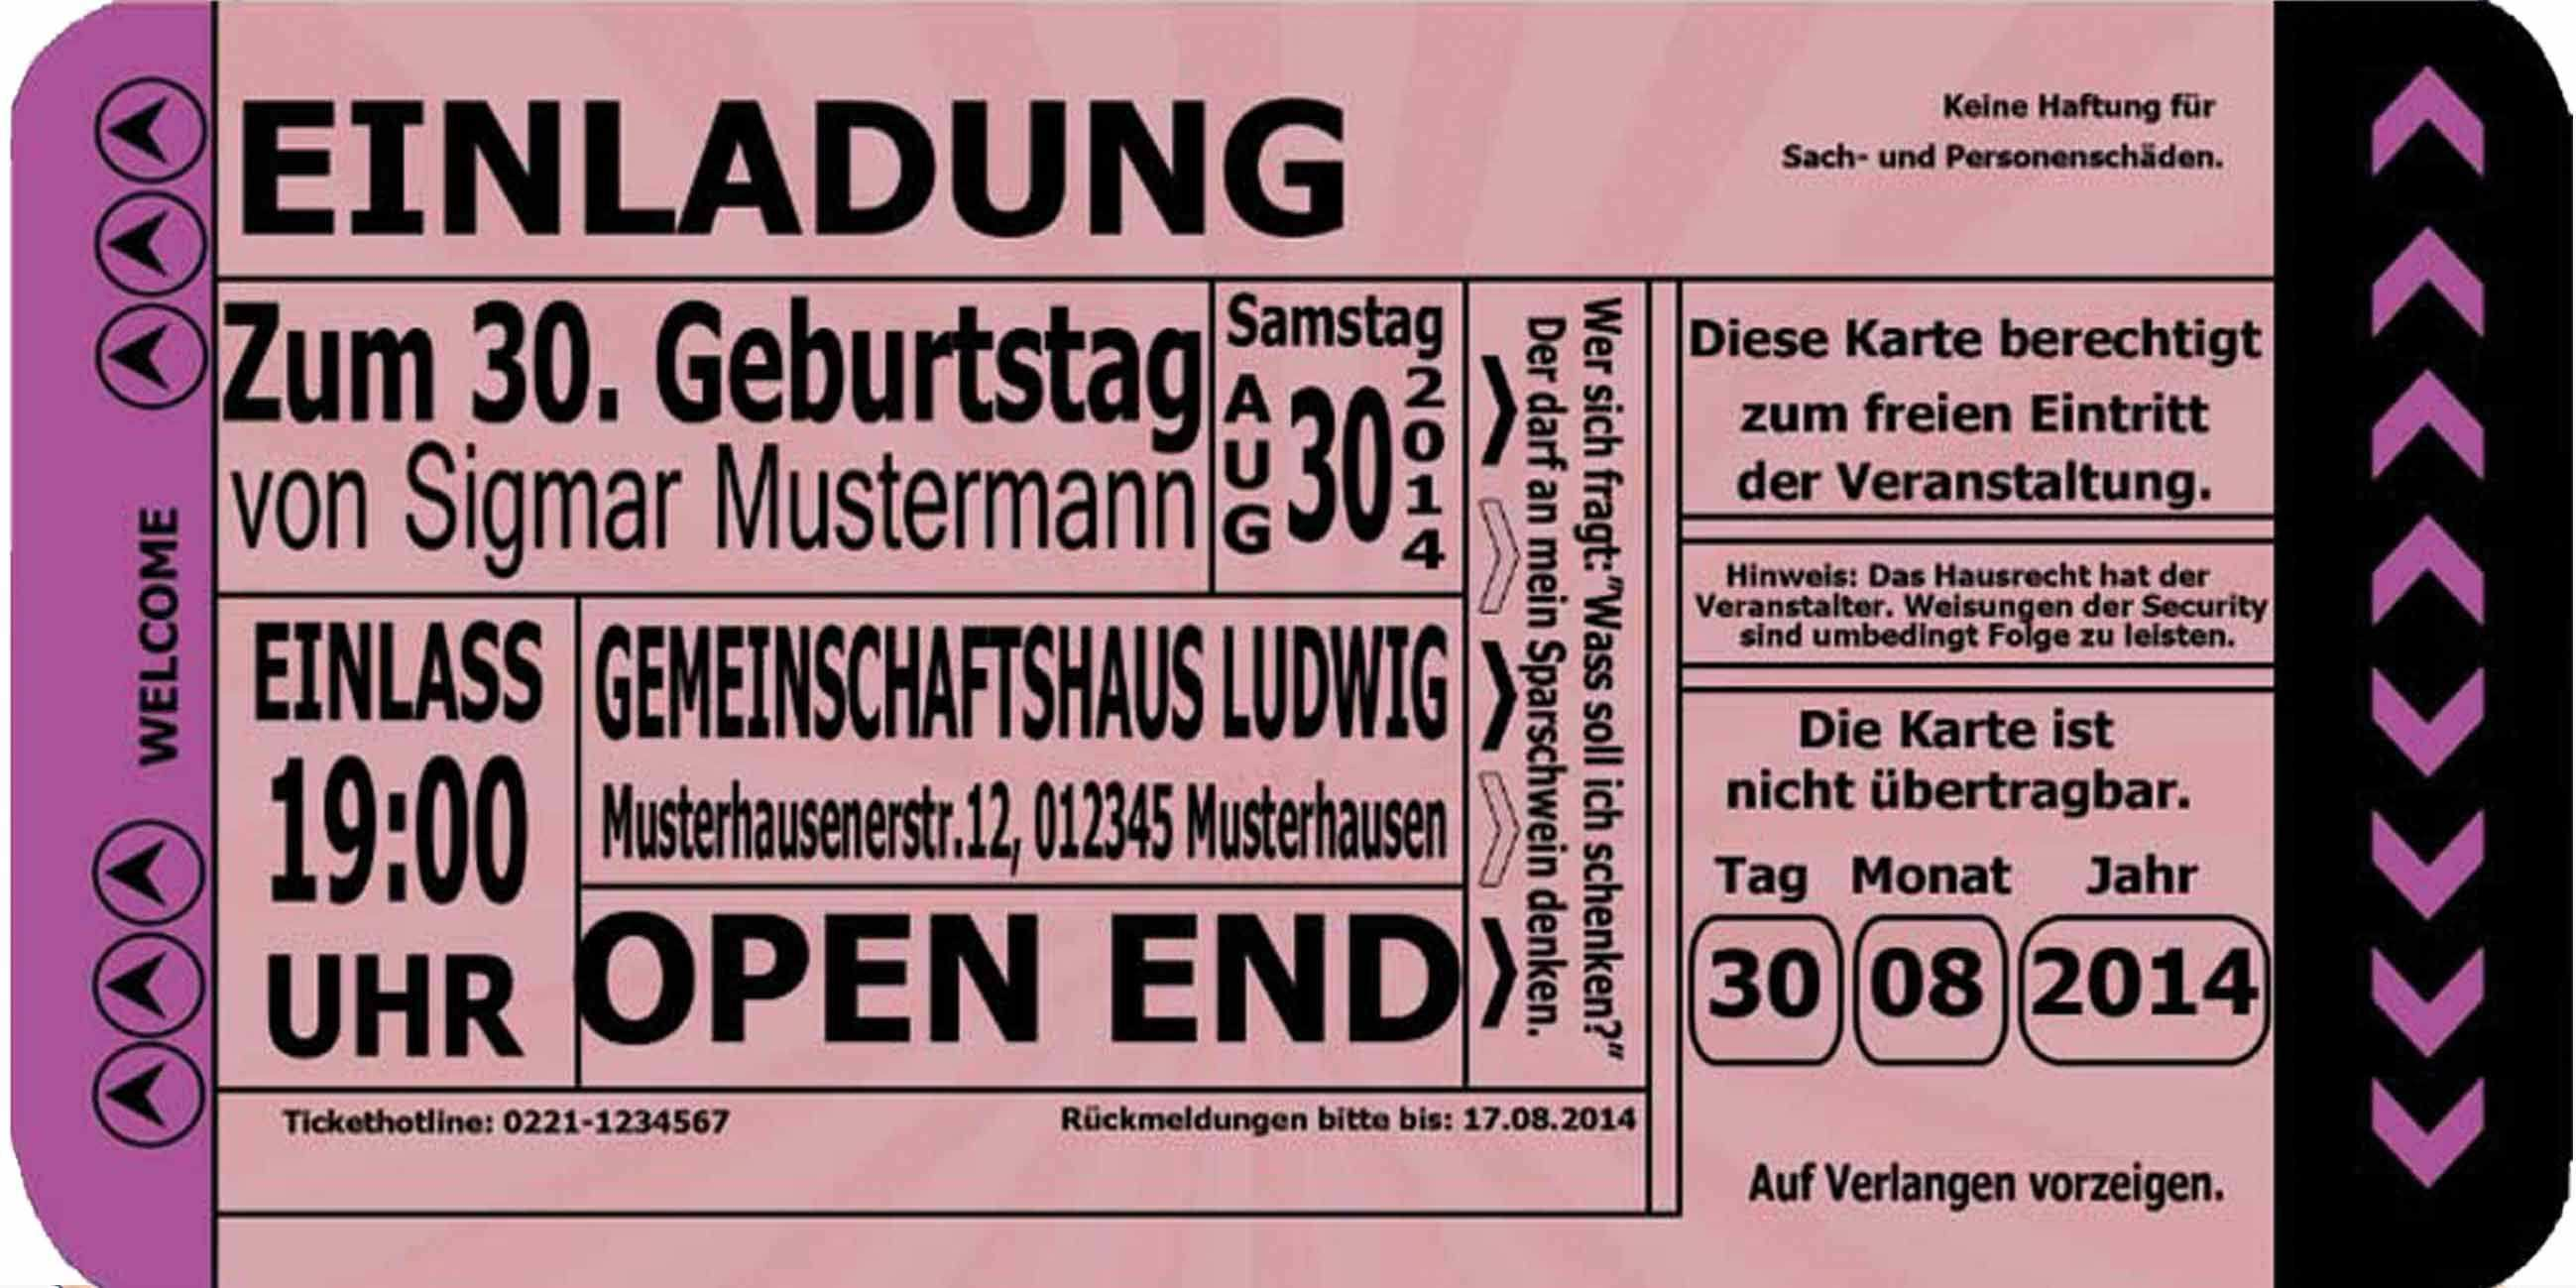 Einladungen Geburtstag 50 Vorlagen Kostenlos Geburtstag Einladung 70th Birthday Invitations Birthday Invitation Templates Invitation Card Design